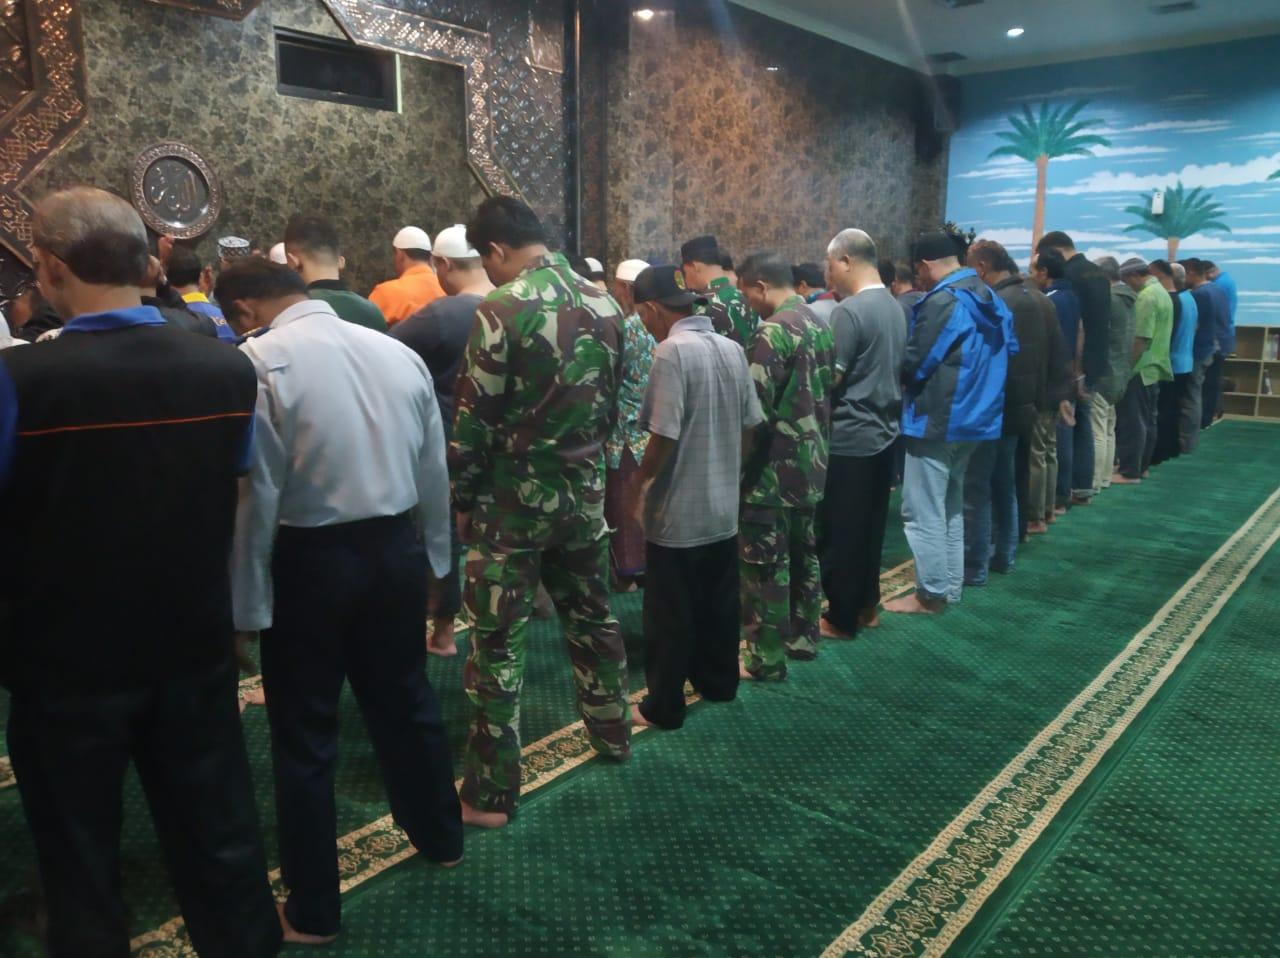 Hadits-Hadits Tentang Sholat Lima Waktu Sholat Didakwahkan Setelah Syahadatain bimbingan islam